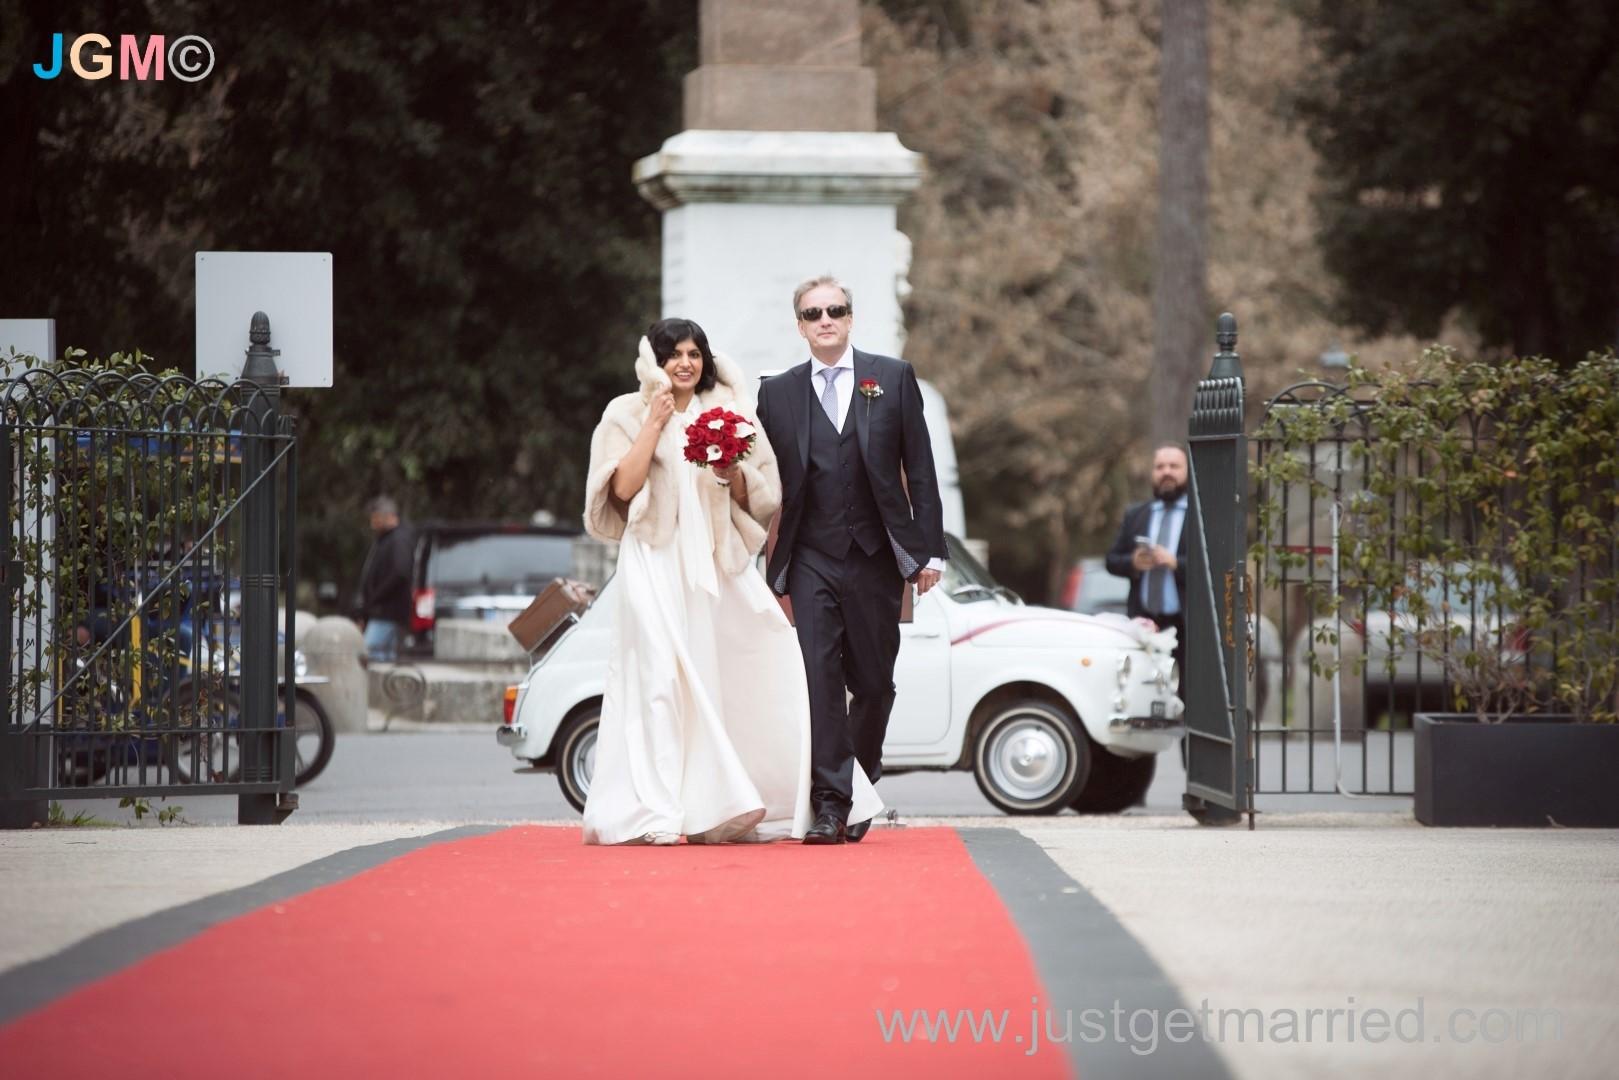 casina valadier wedding in rome reception venue